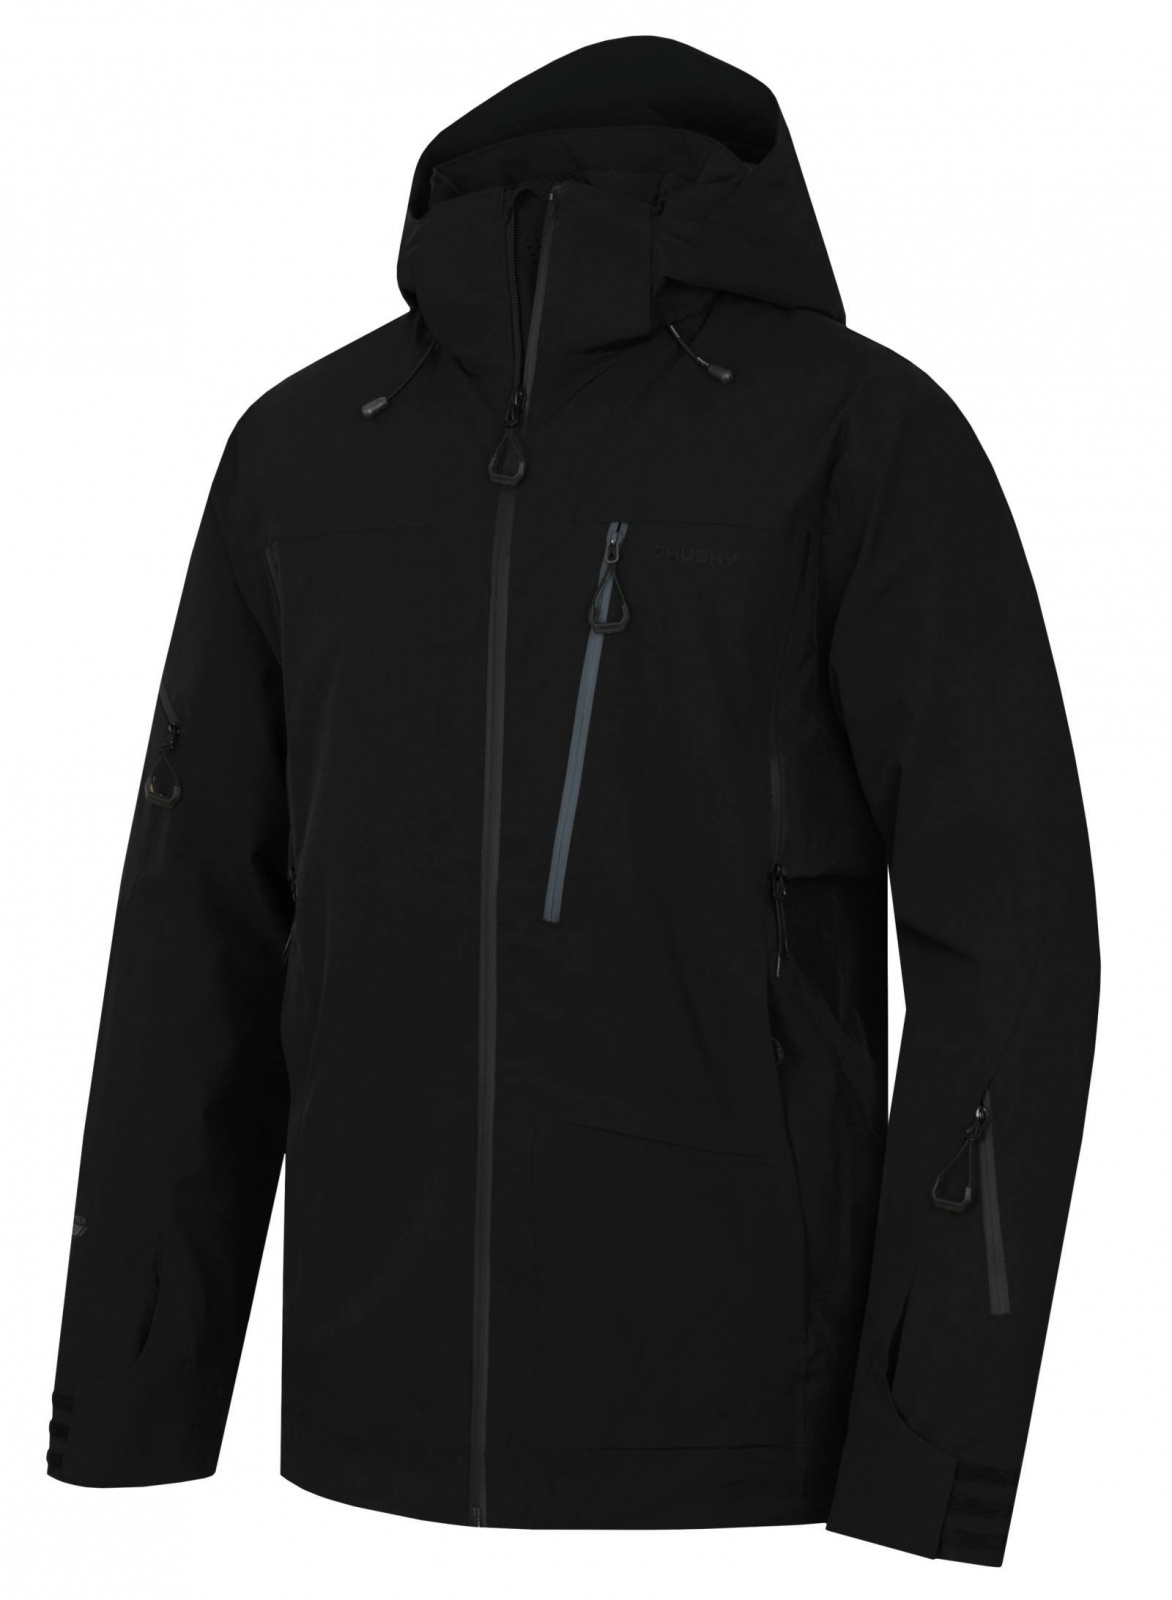 Husky Montry M čierna, XL Pánska lyžiarska bunda